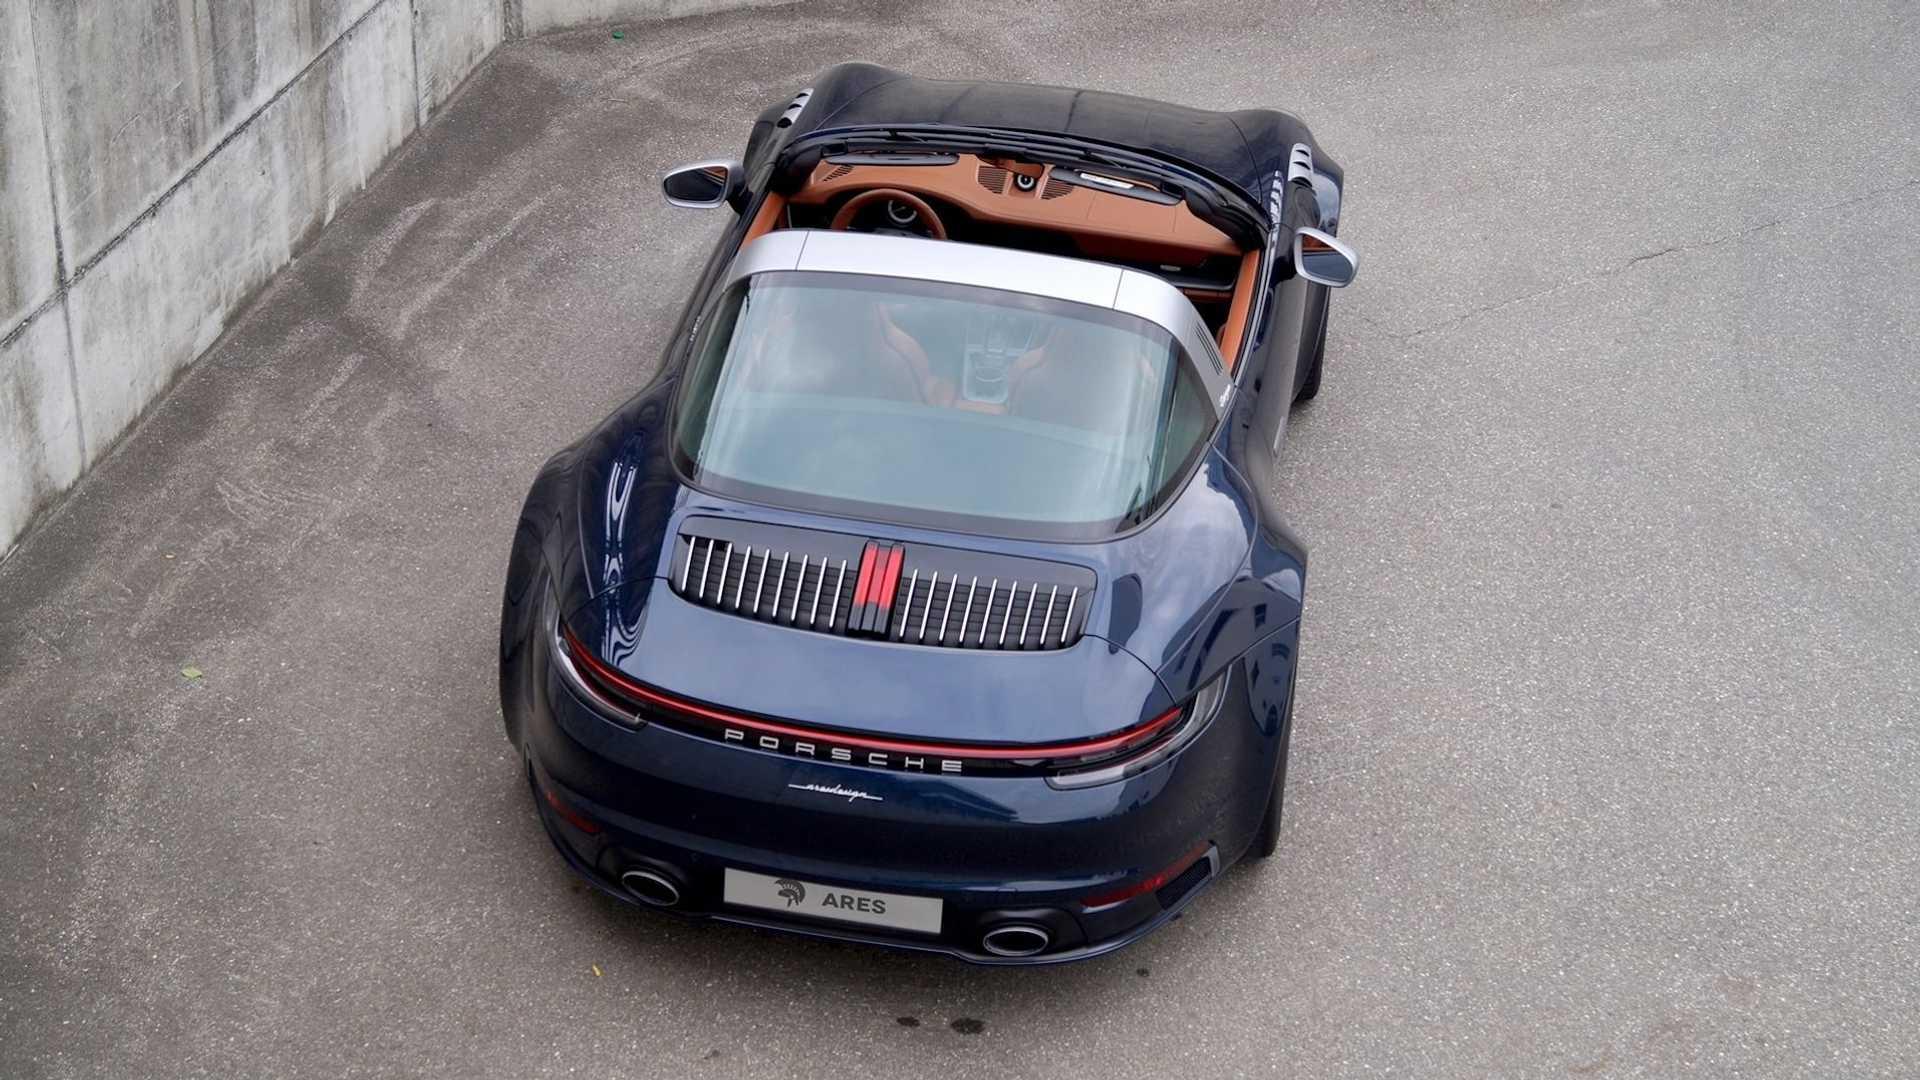 Porsche-911-Targa-by-Ares-Design-4